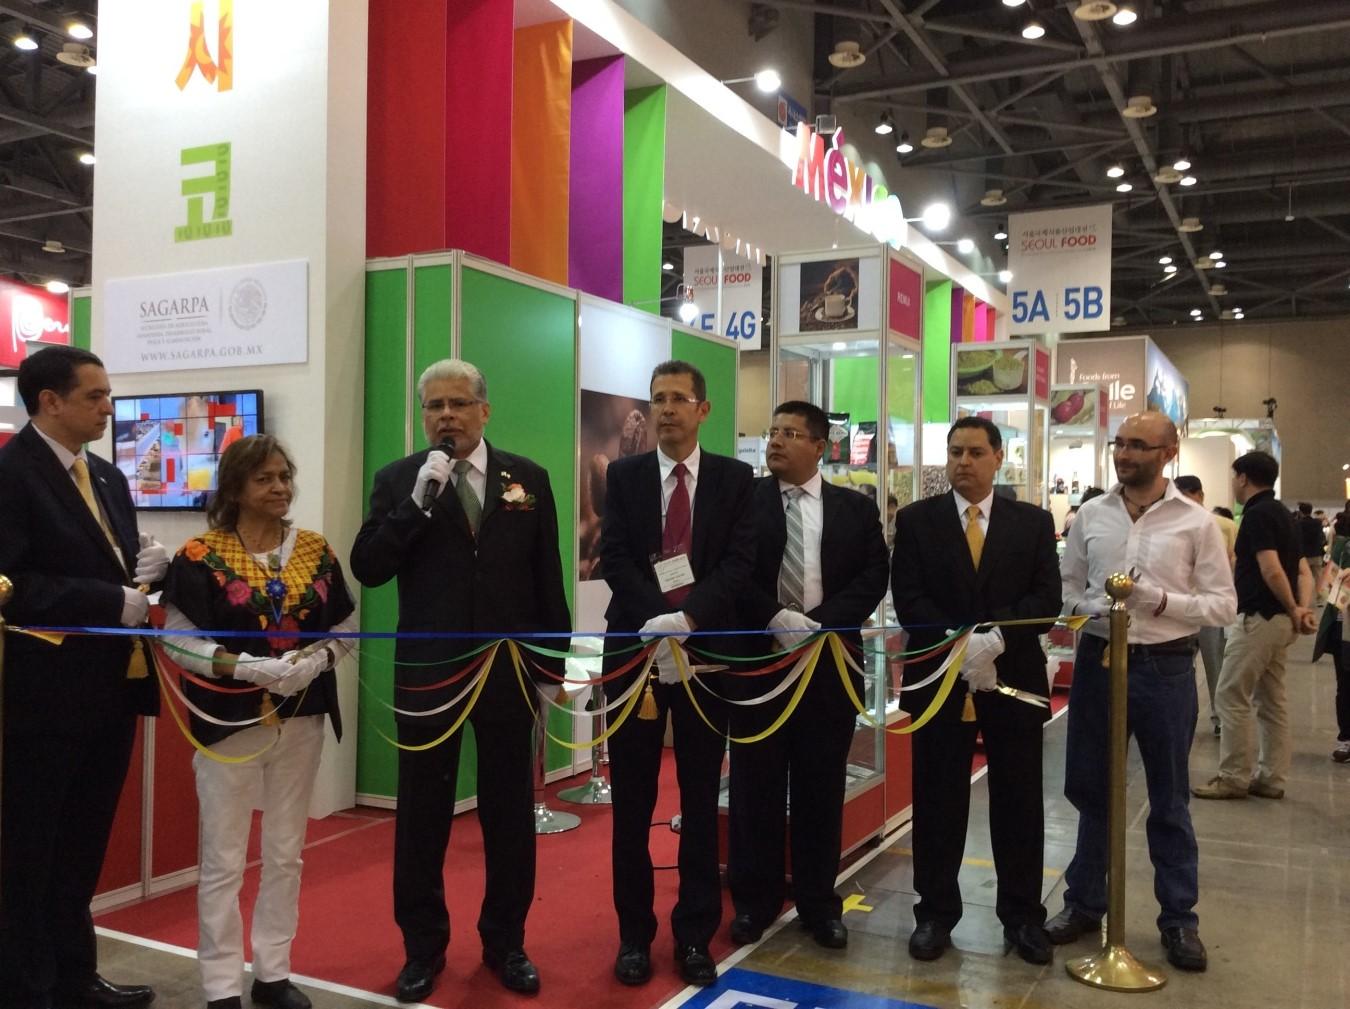 Corea del Sur es un mercado de consumo que representa oportunidades constantes de negocios, que los emprendedores mexicanos pueden aprovechar.